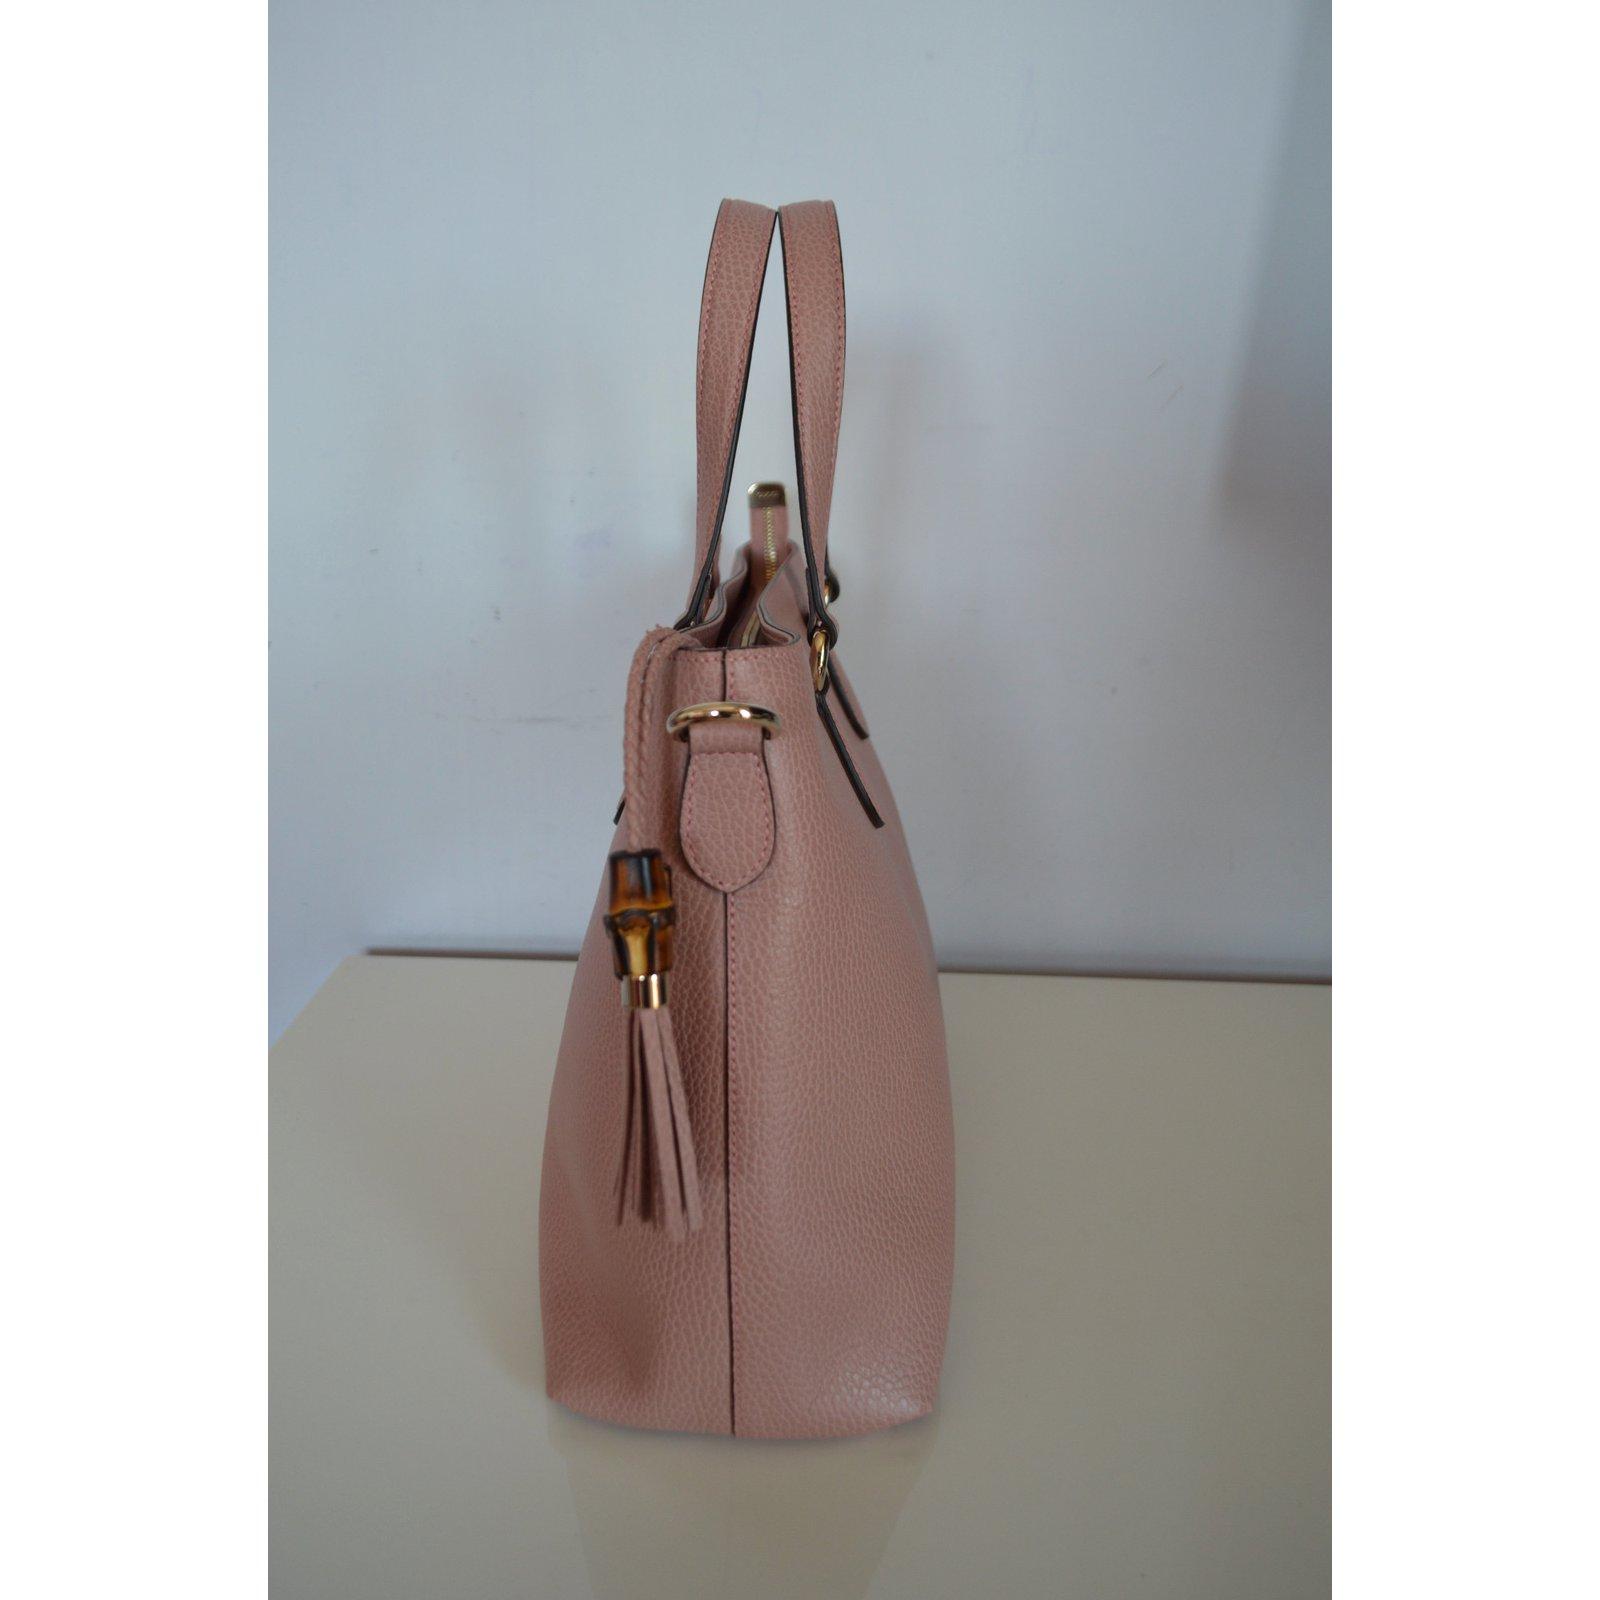 Gucci Handbag Handbags Leather Pink ref.77528 - Joli Closet a5e2a93bdc5cd